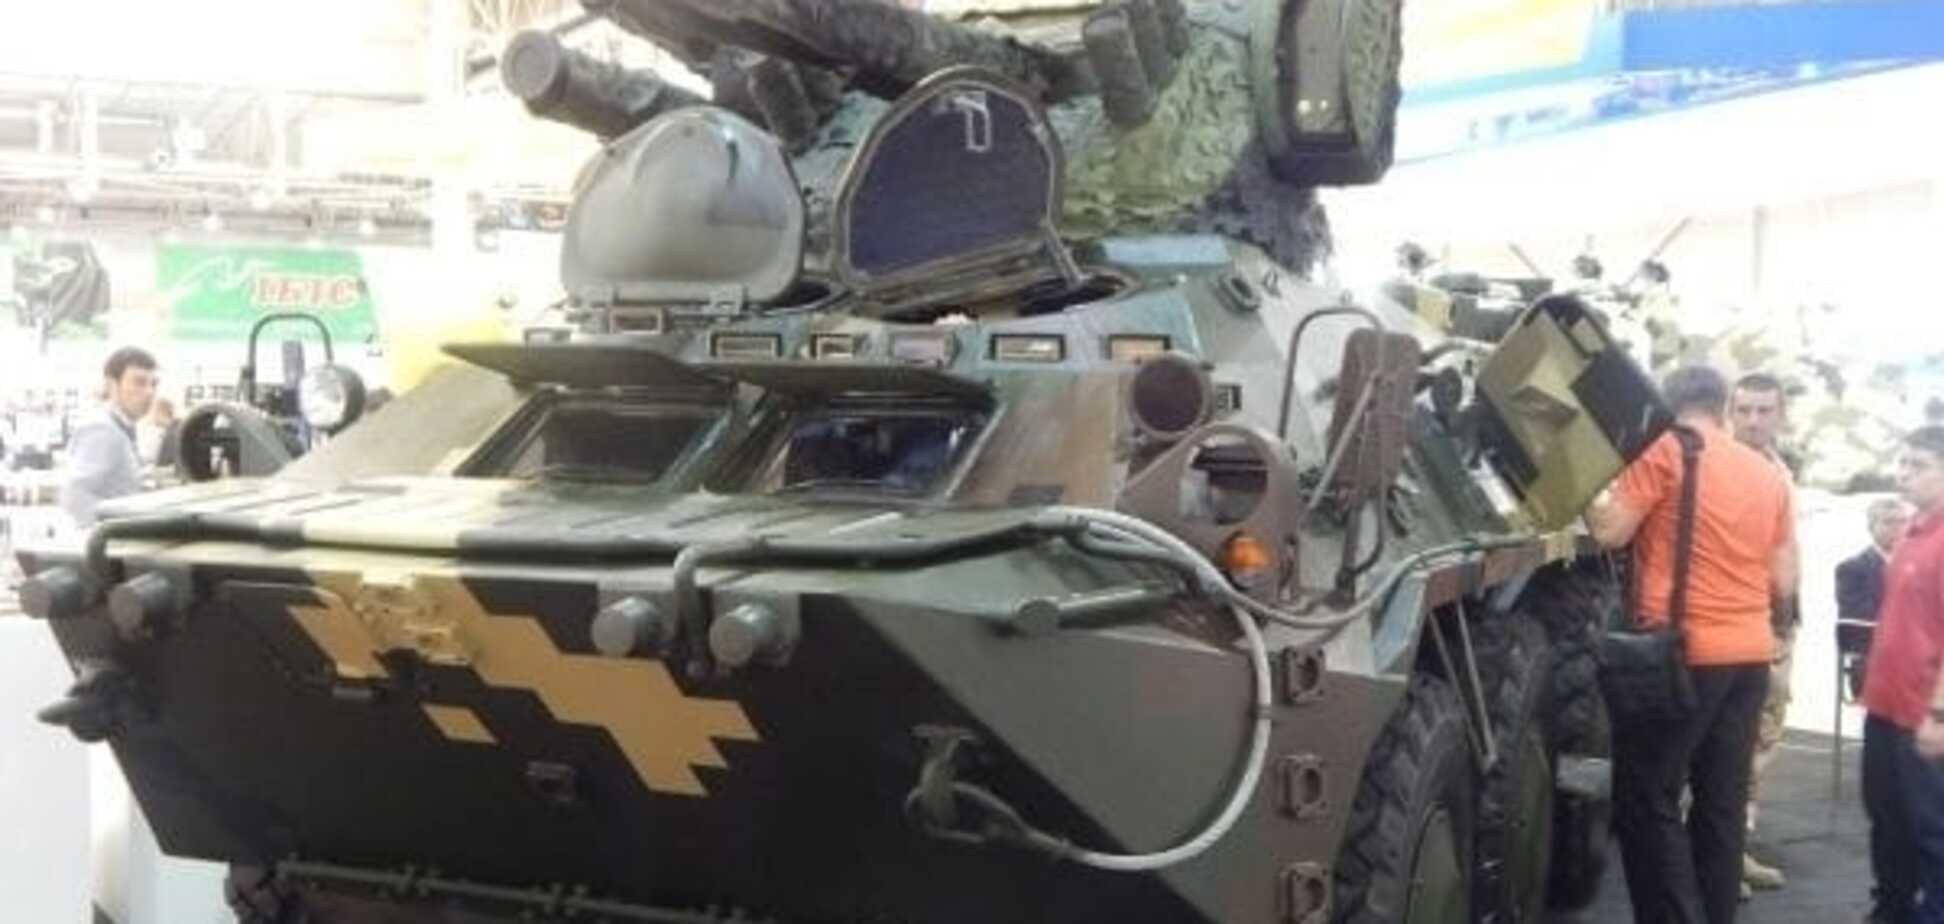 Броня міцна: Укроборонпром розкрив таємниці супернового БТР-3ДА для армії. Фотофакт